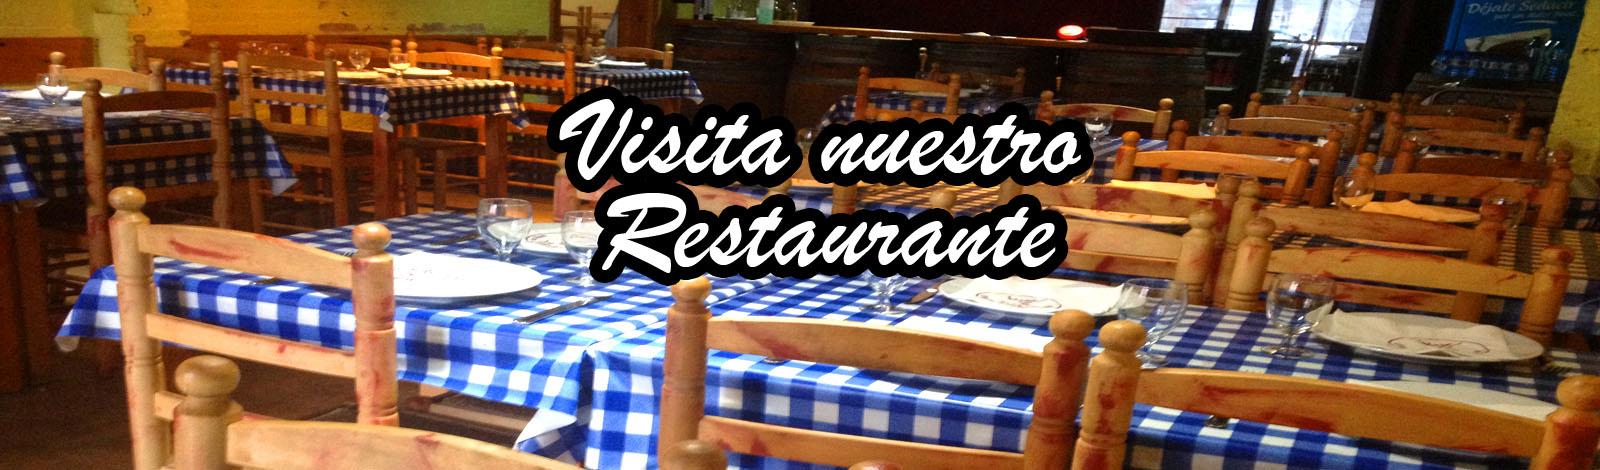 visita-nuestro-restaurante